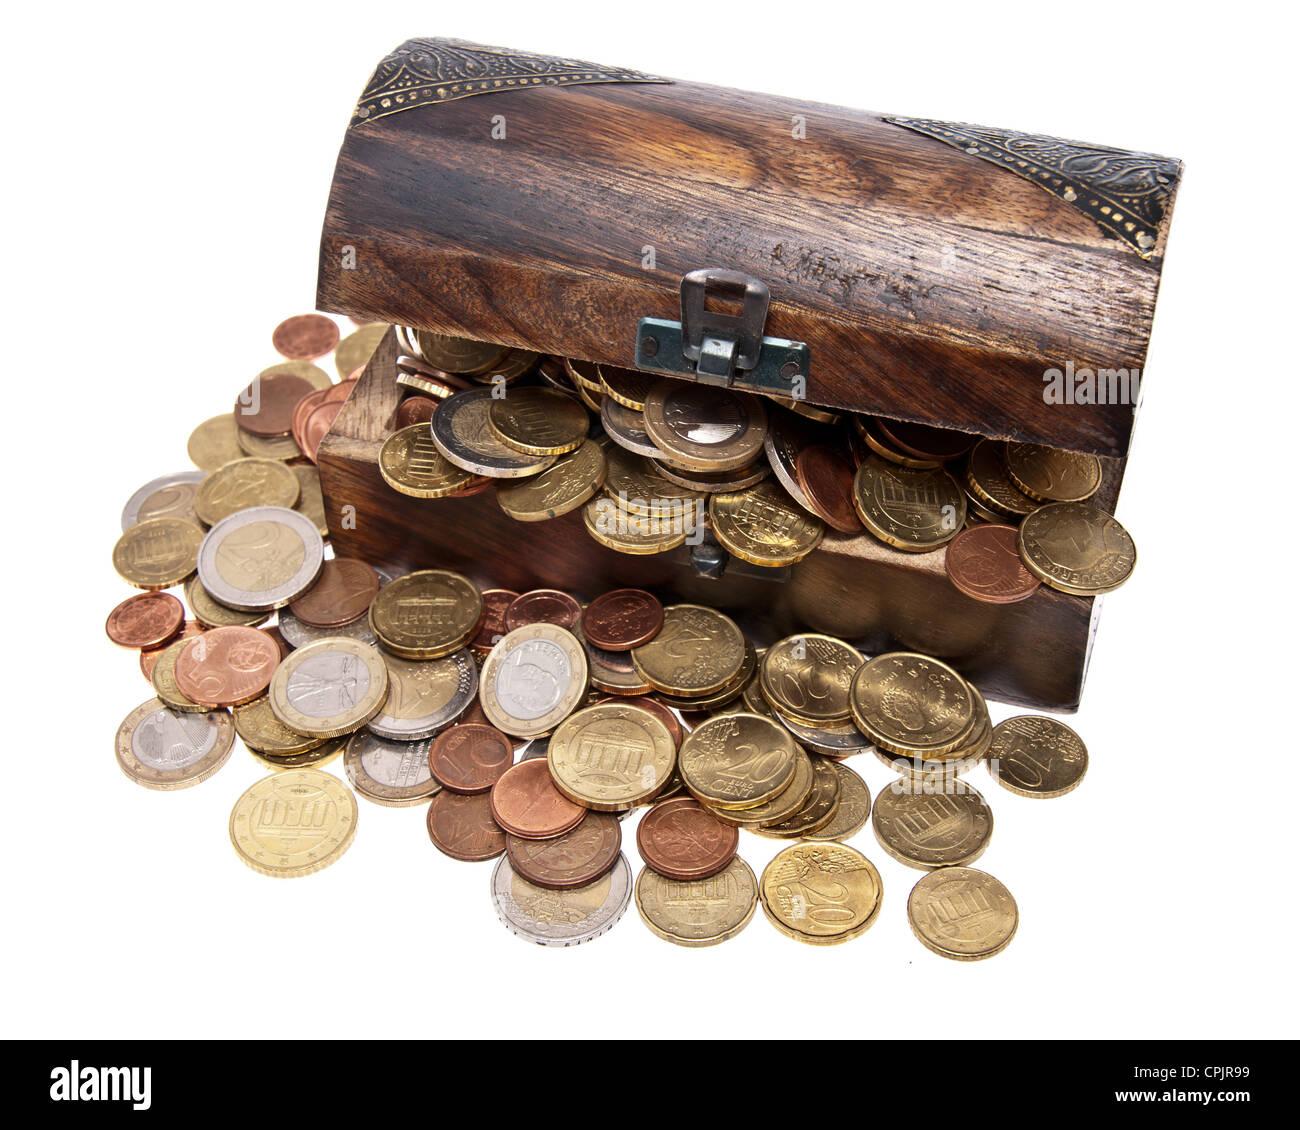 Schatz Mit Euro Münzen Gesamtansicht Isoliert Auf Weißem